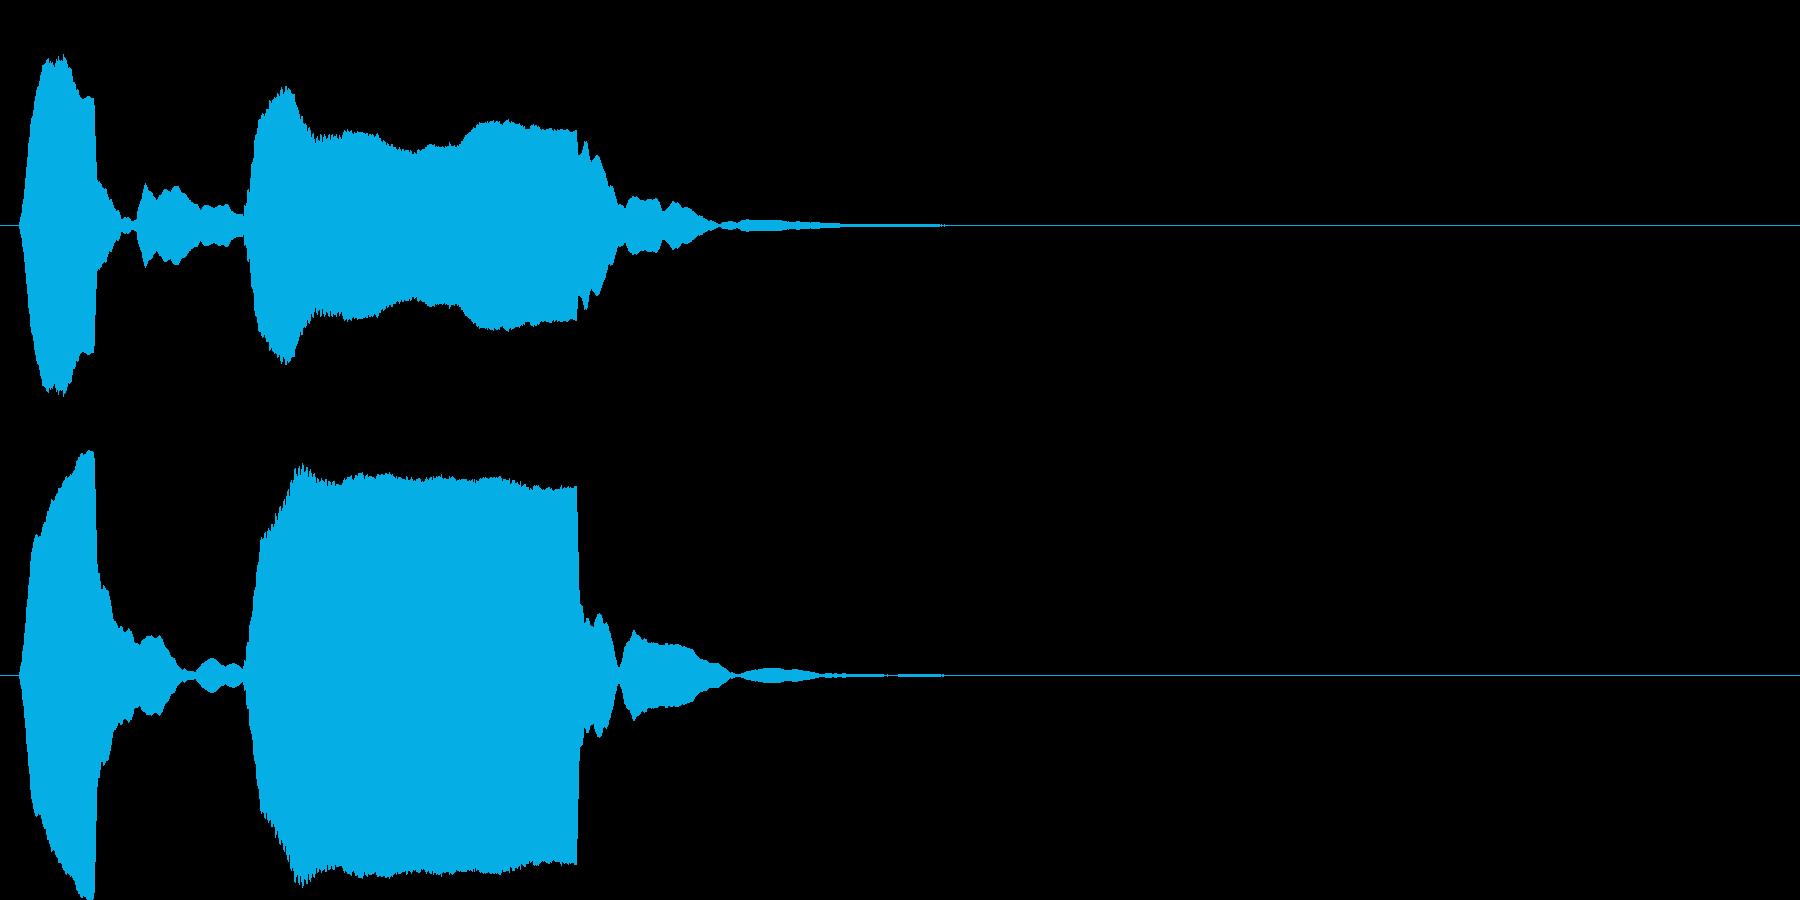 ピンポン系5 ポッポー(高)の再生済みの波形